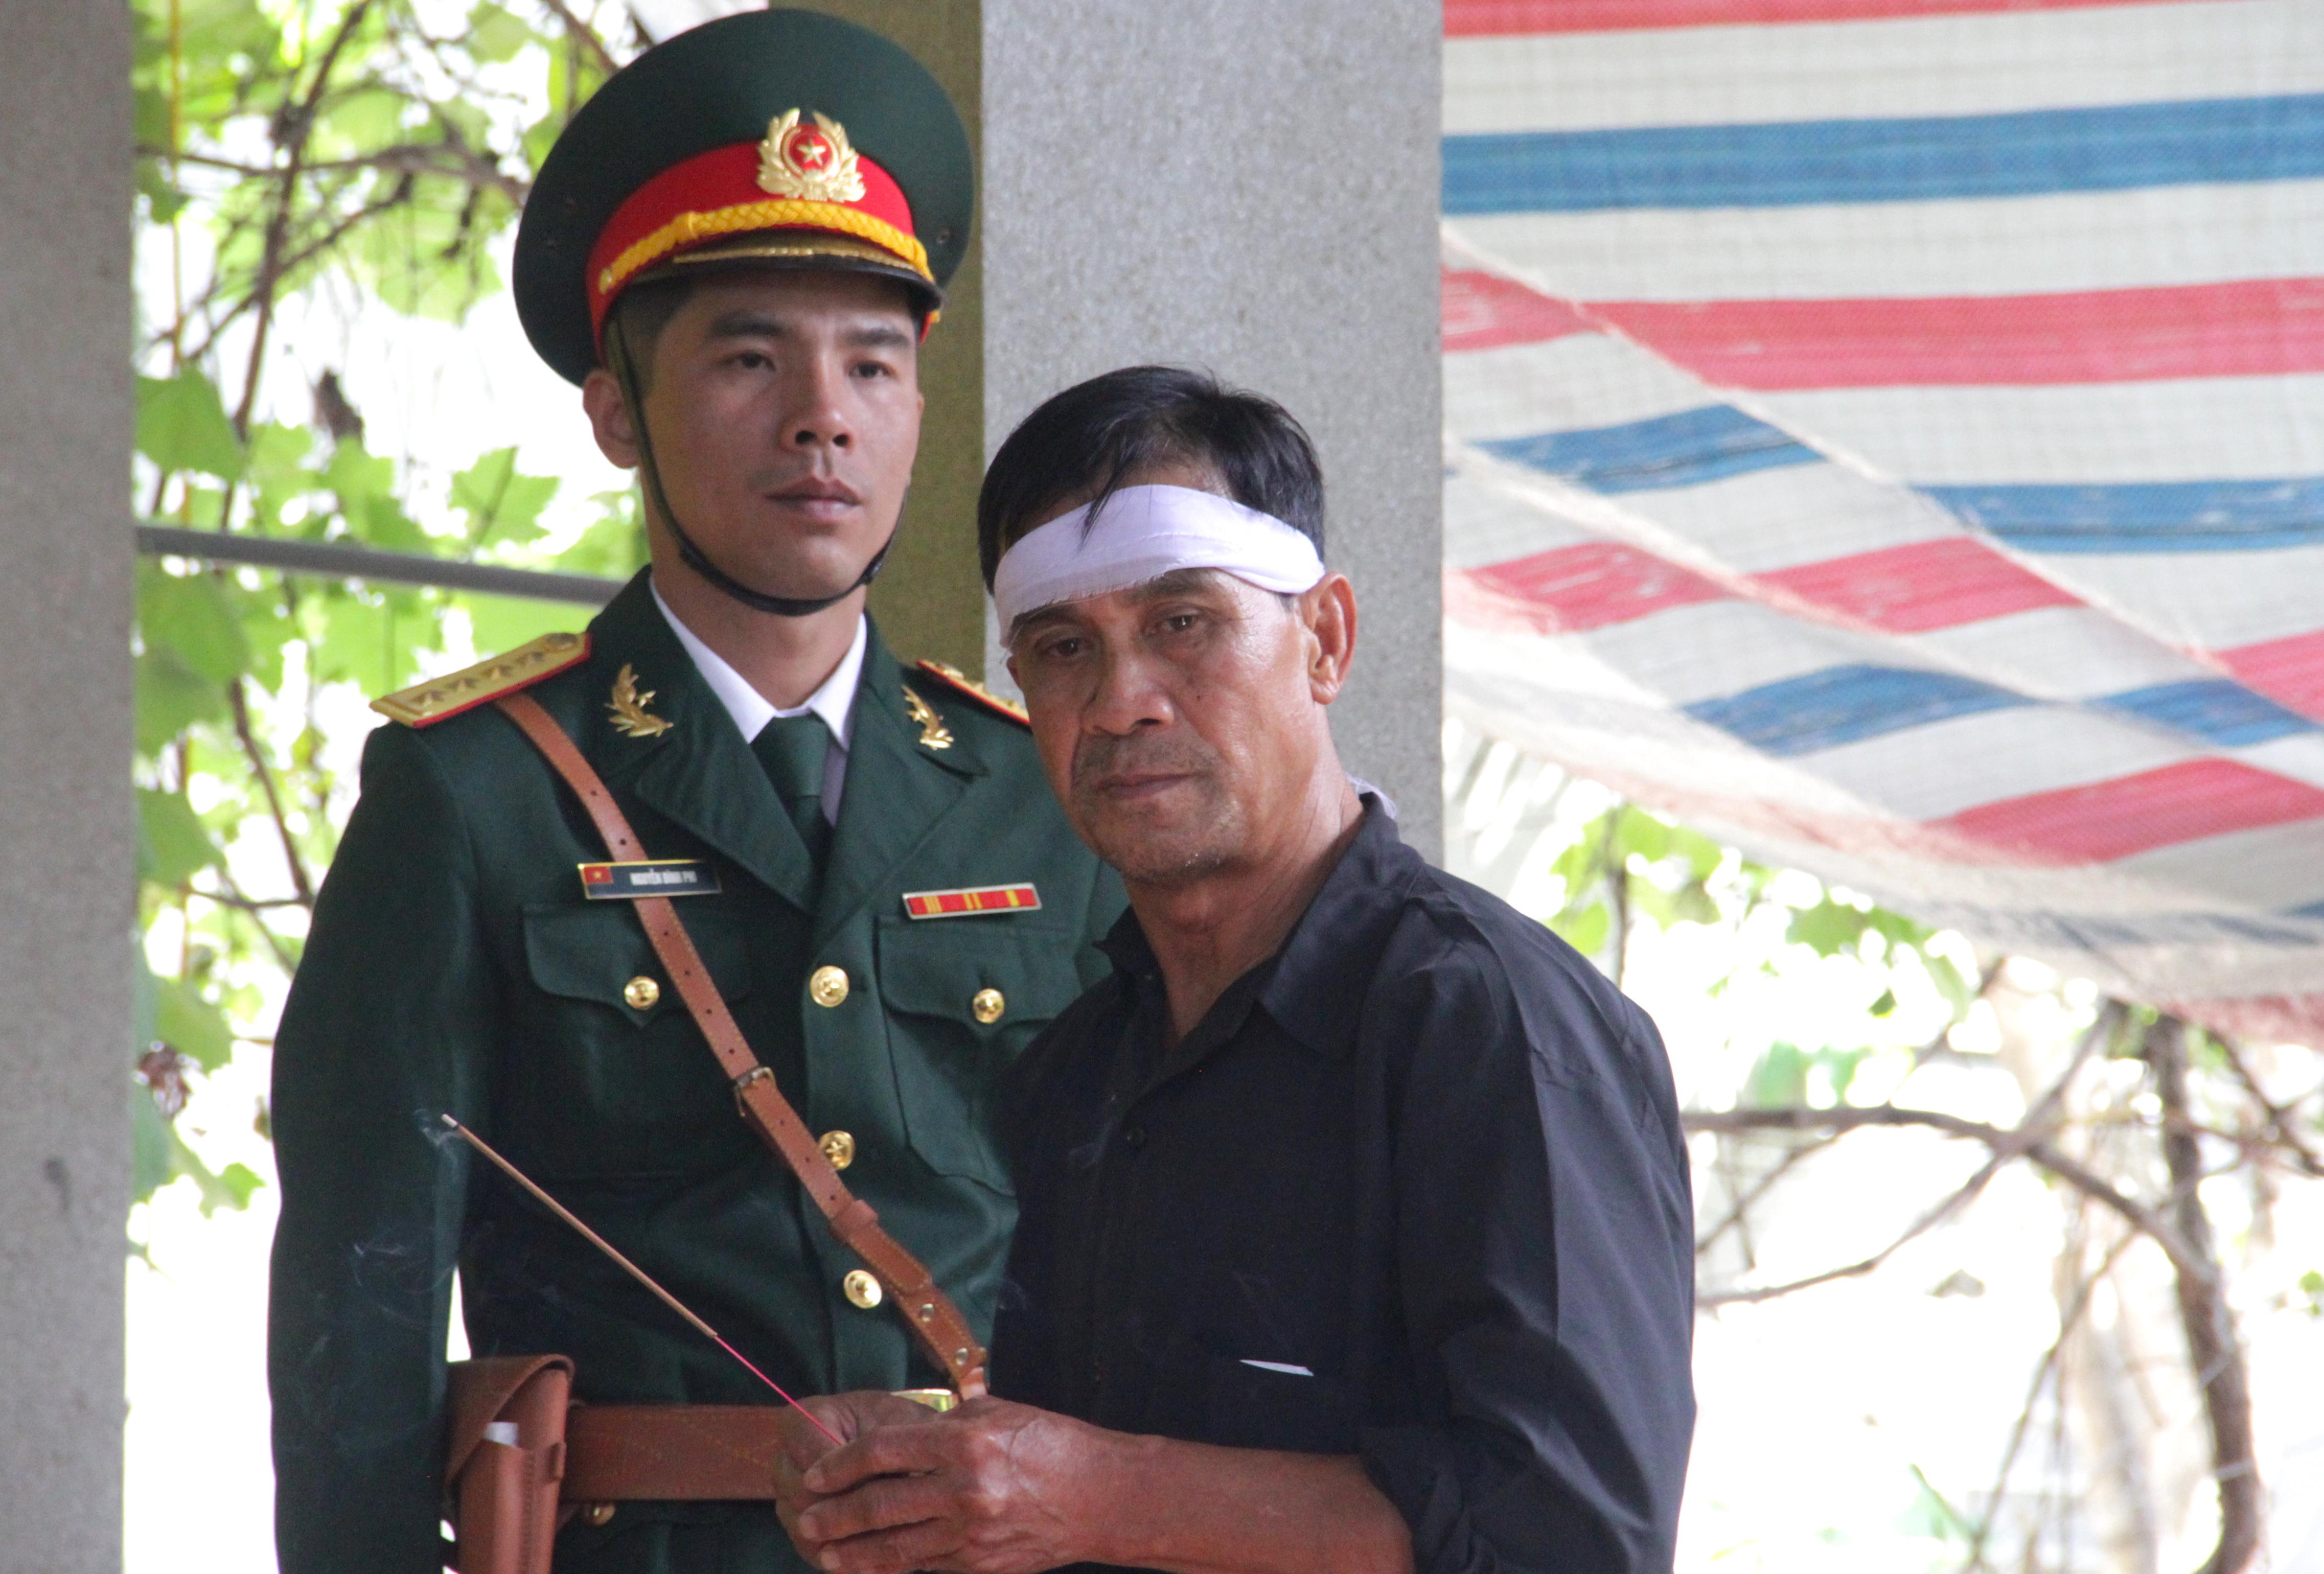 Nước mắt tiễn biệt liệt sỹ Đoàn 337 bị vùi lấp ở Quảng Trị: Nào ngờ con đi không về nữa - Ảnh 9.